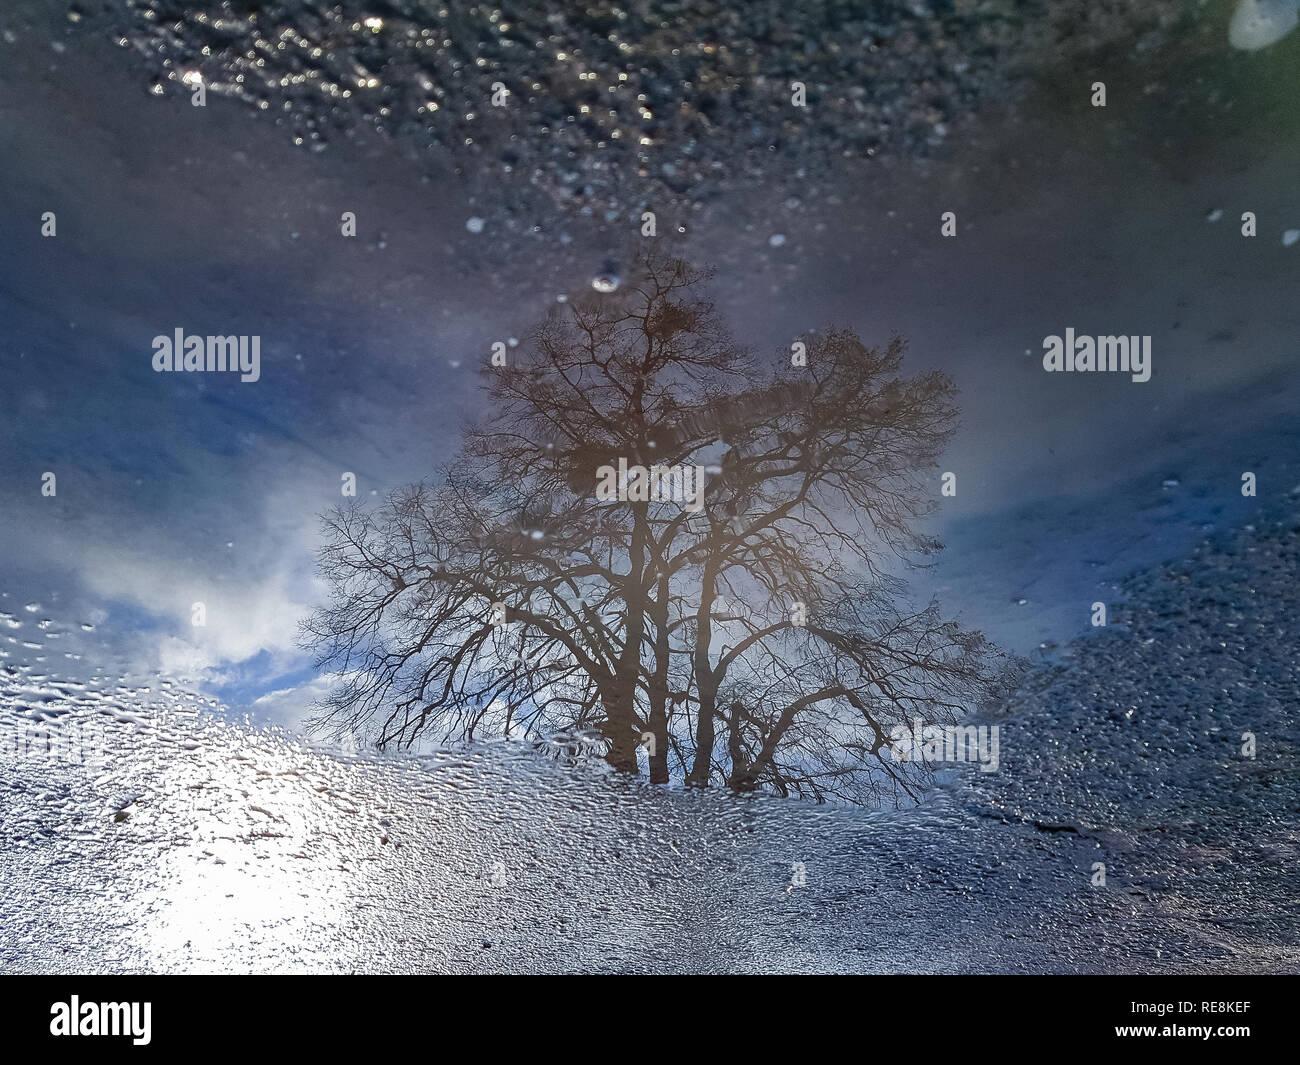 Eine Straße mit einer Wasserpfütze widerspiegelt einen entfernten Baum und die blauen bewölkten Himmel Stockfoto